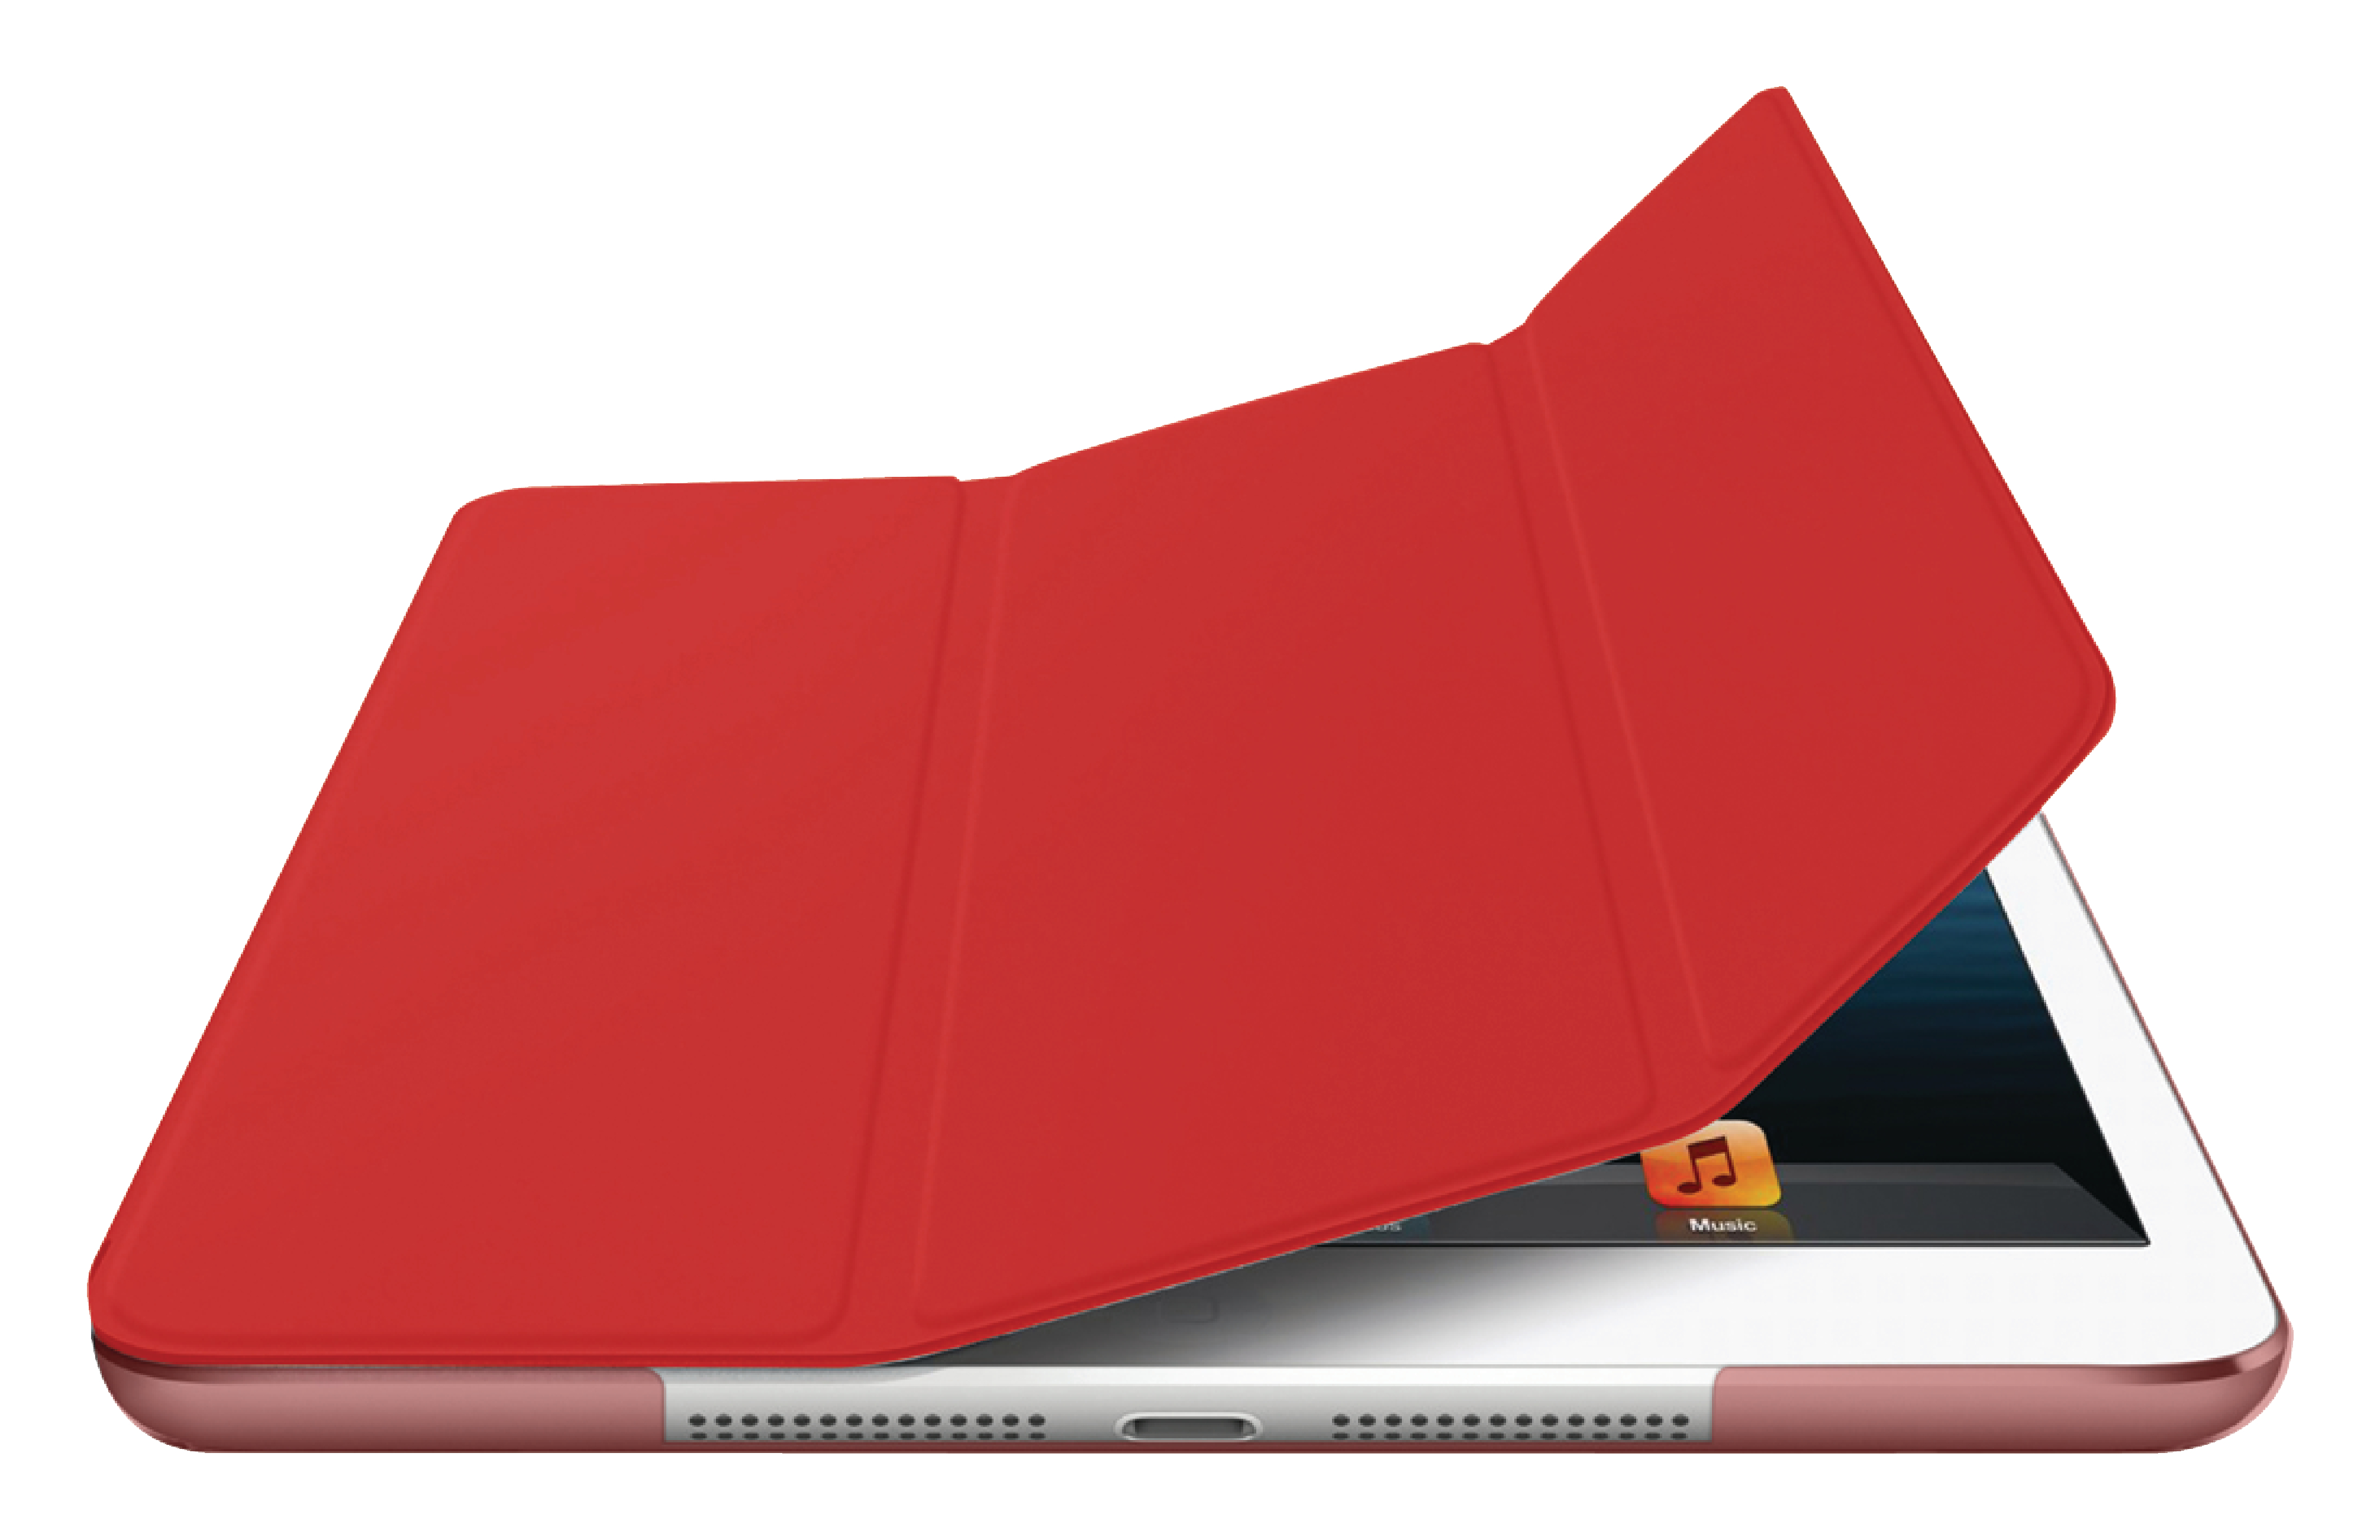 """Billede af Tablet Folie Apple iPad Pro 9.7"""" Rød"""